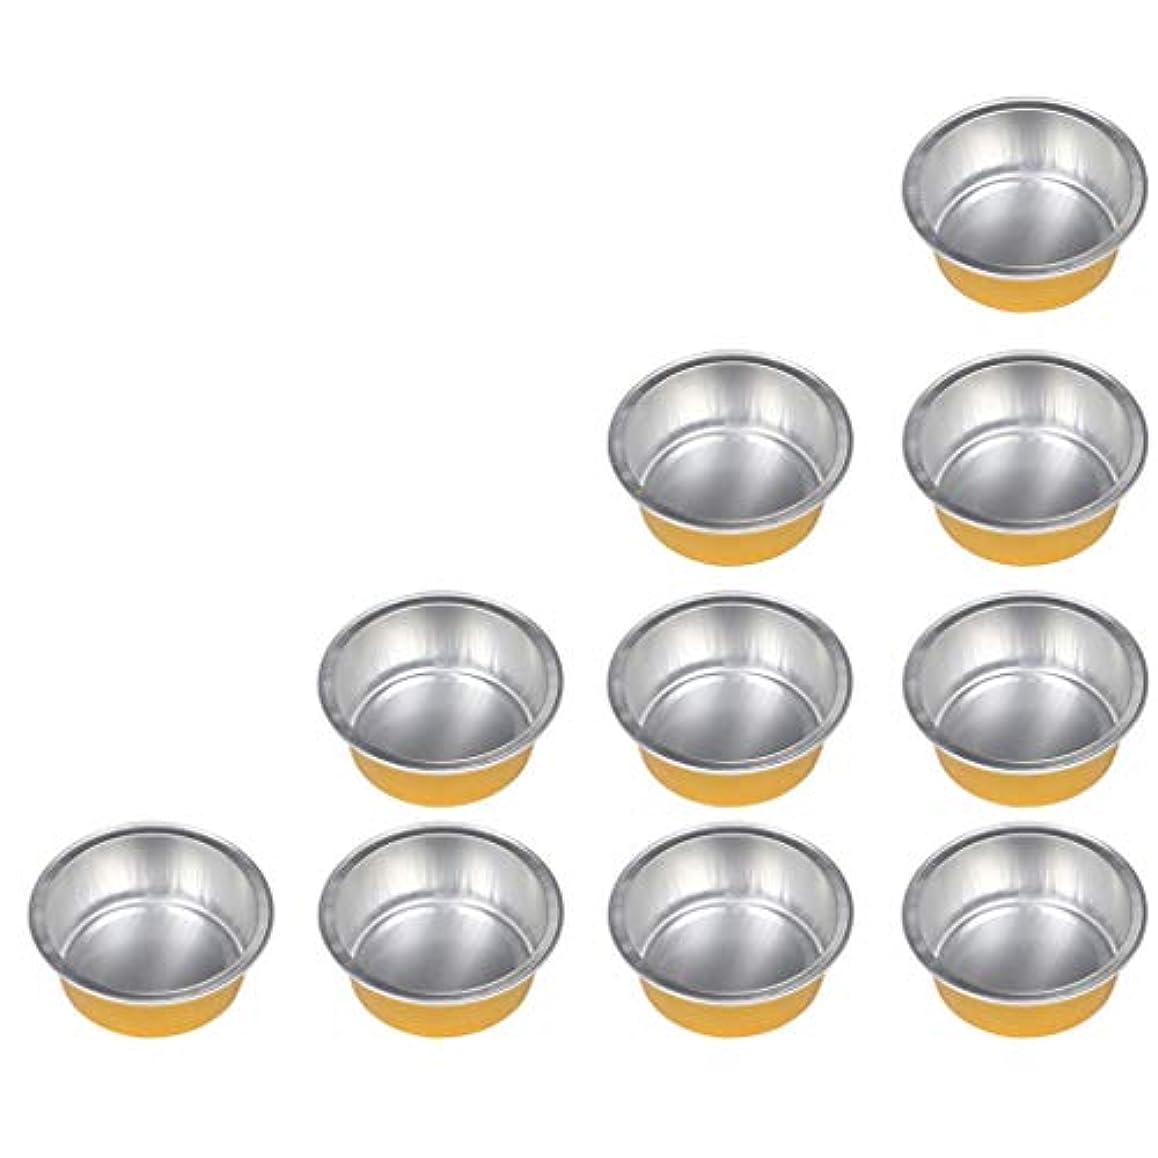 コカイン球体情緒的アルミホイルボウル 脱毛 毛除去 10個セット ミニ ワックス豆体 融解 2種選ぶ - ゴールデン1, 01